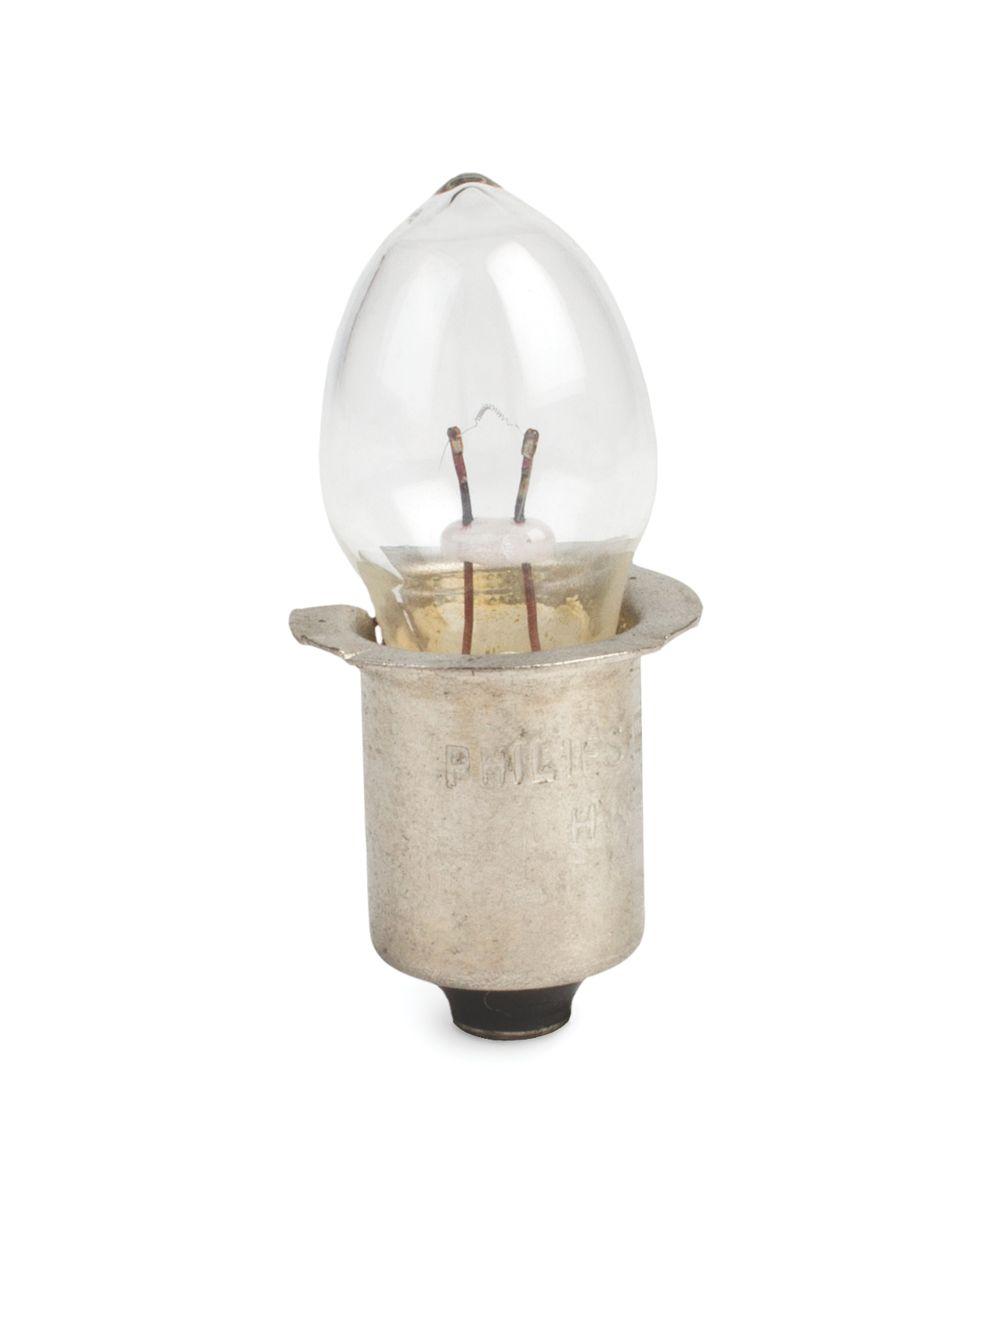 2.3volt, .27amp PR4 bulb